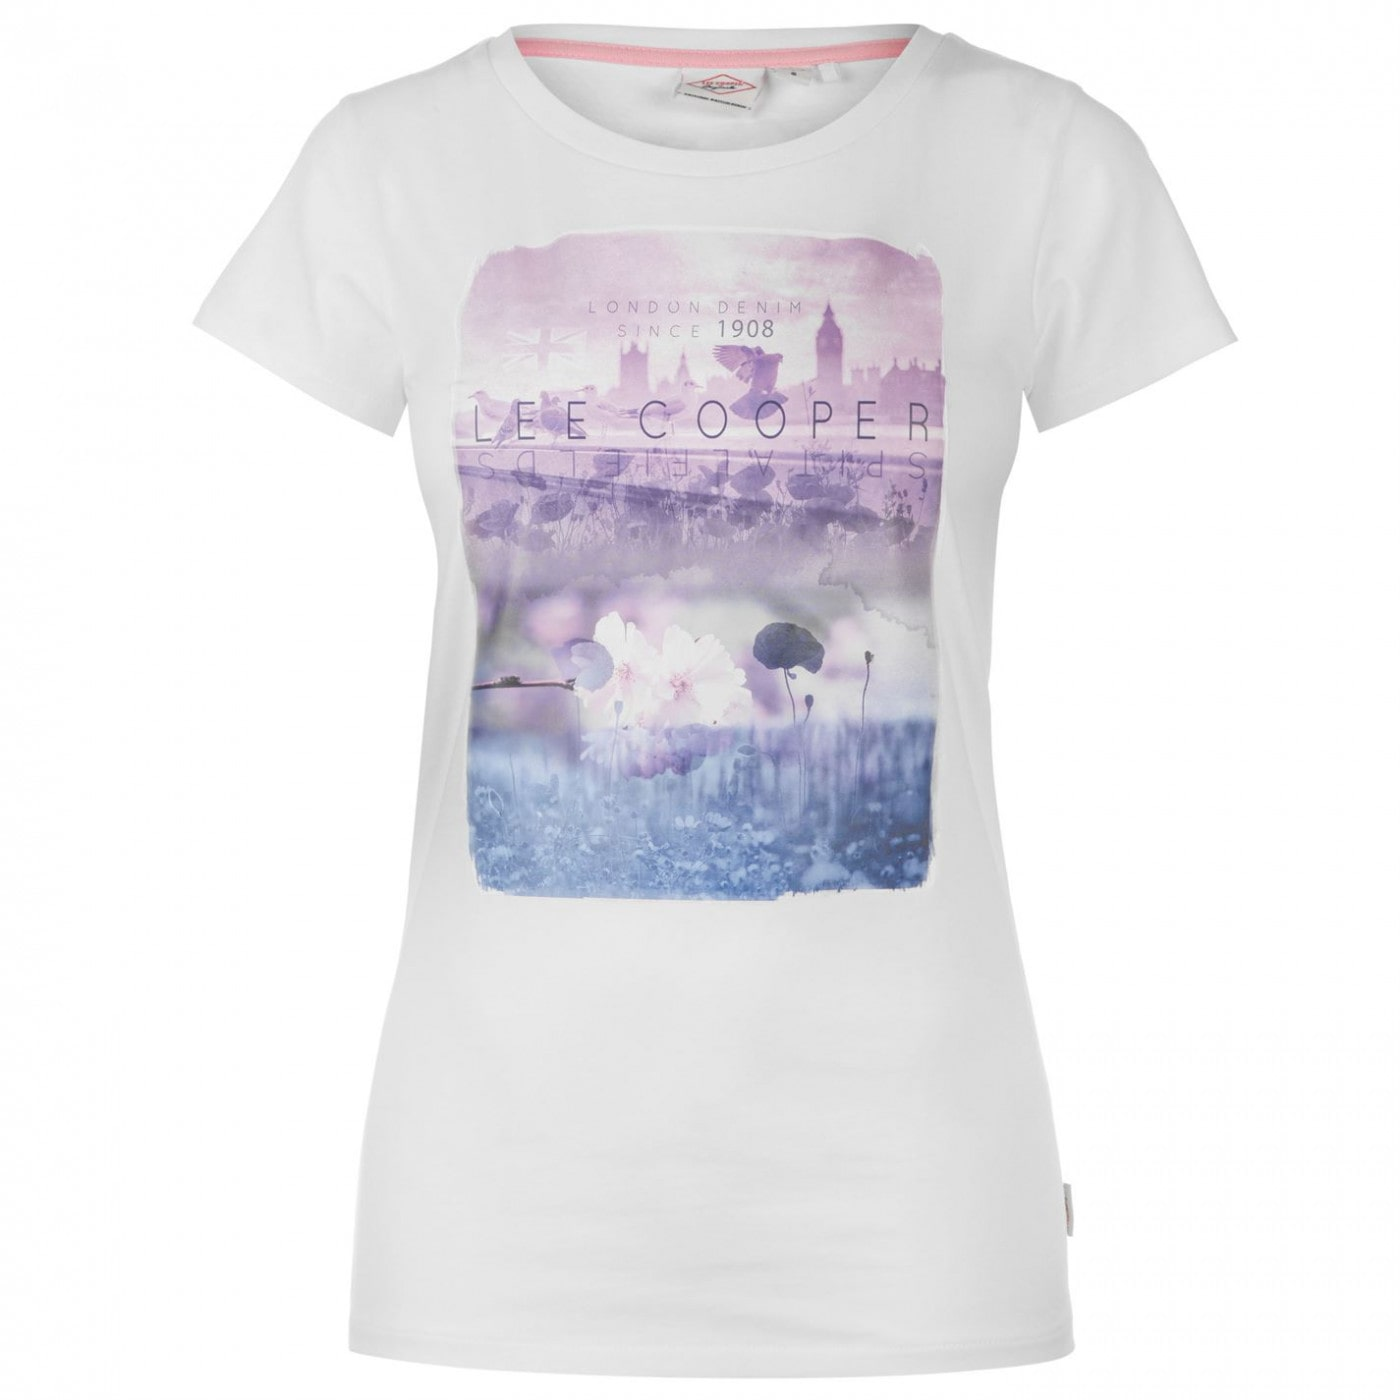 Triko Lee Cooper Fashion Photo T Shirt dámske